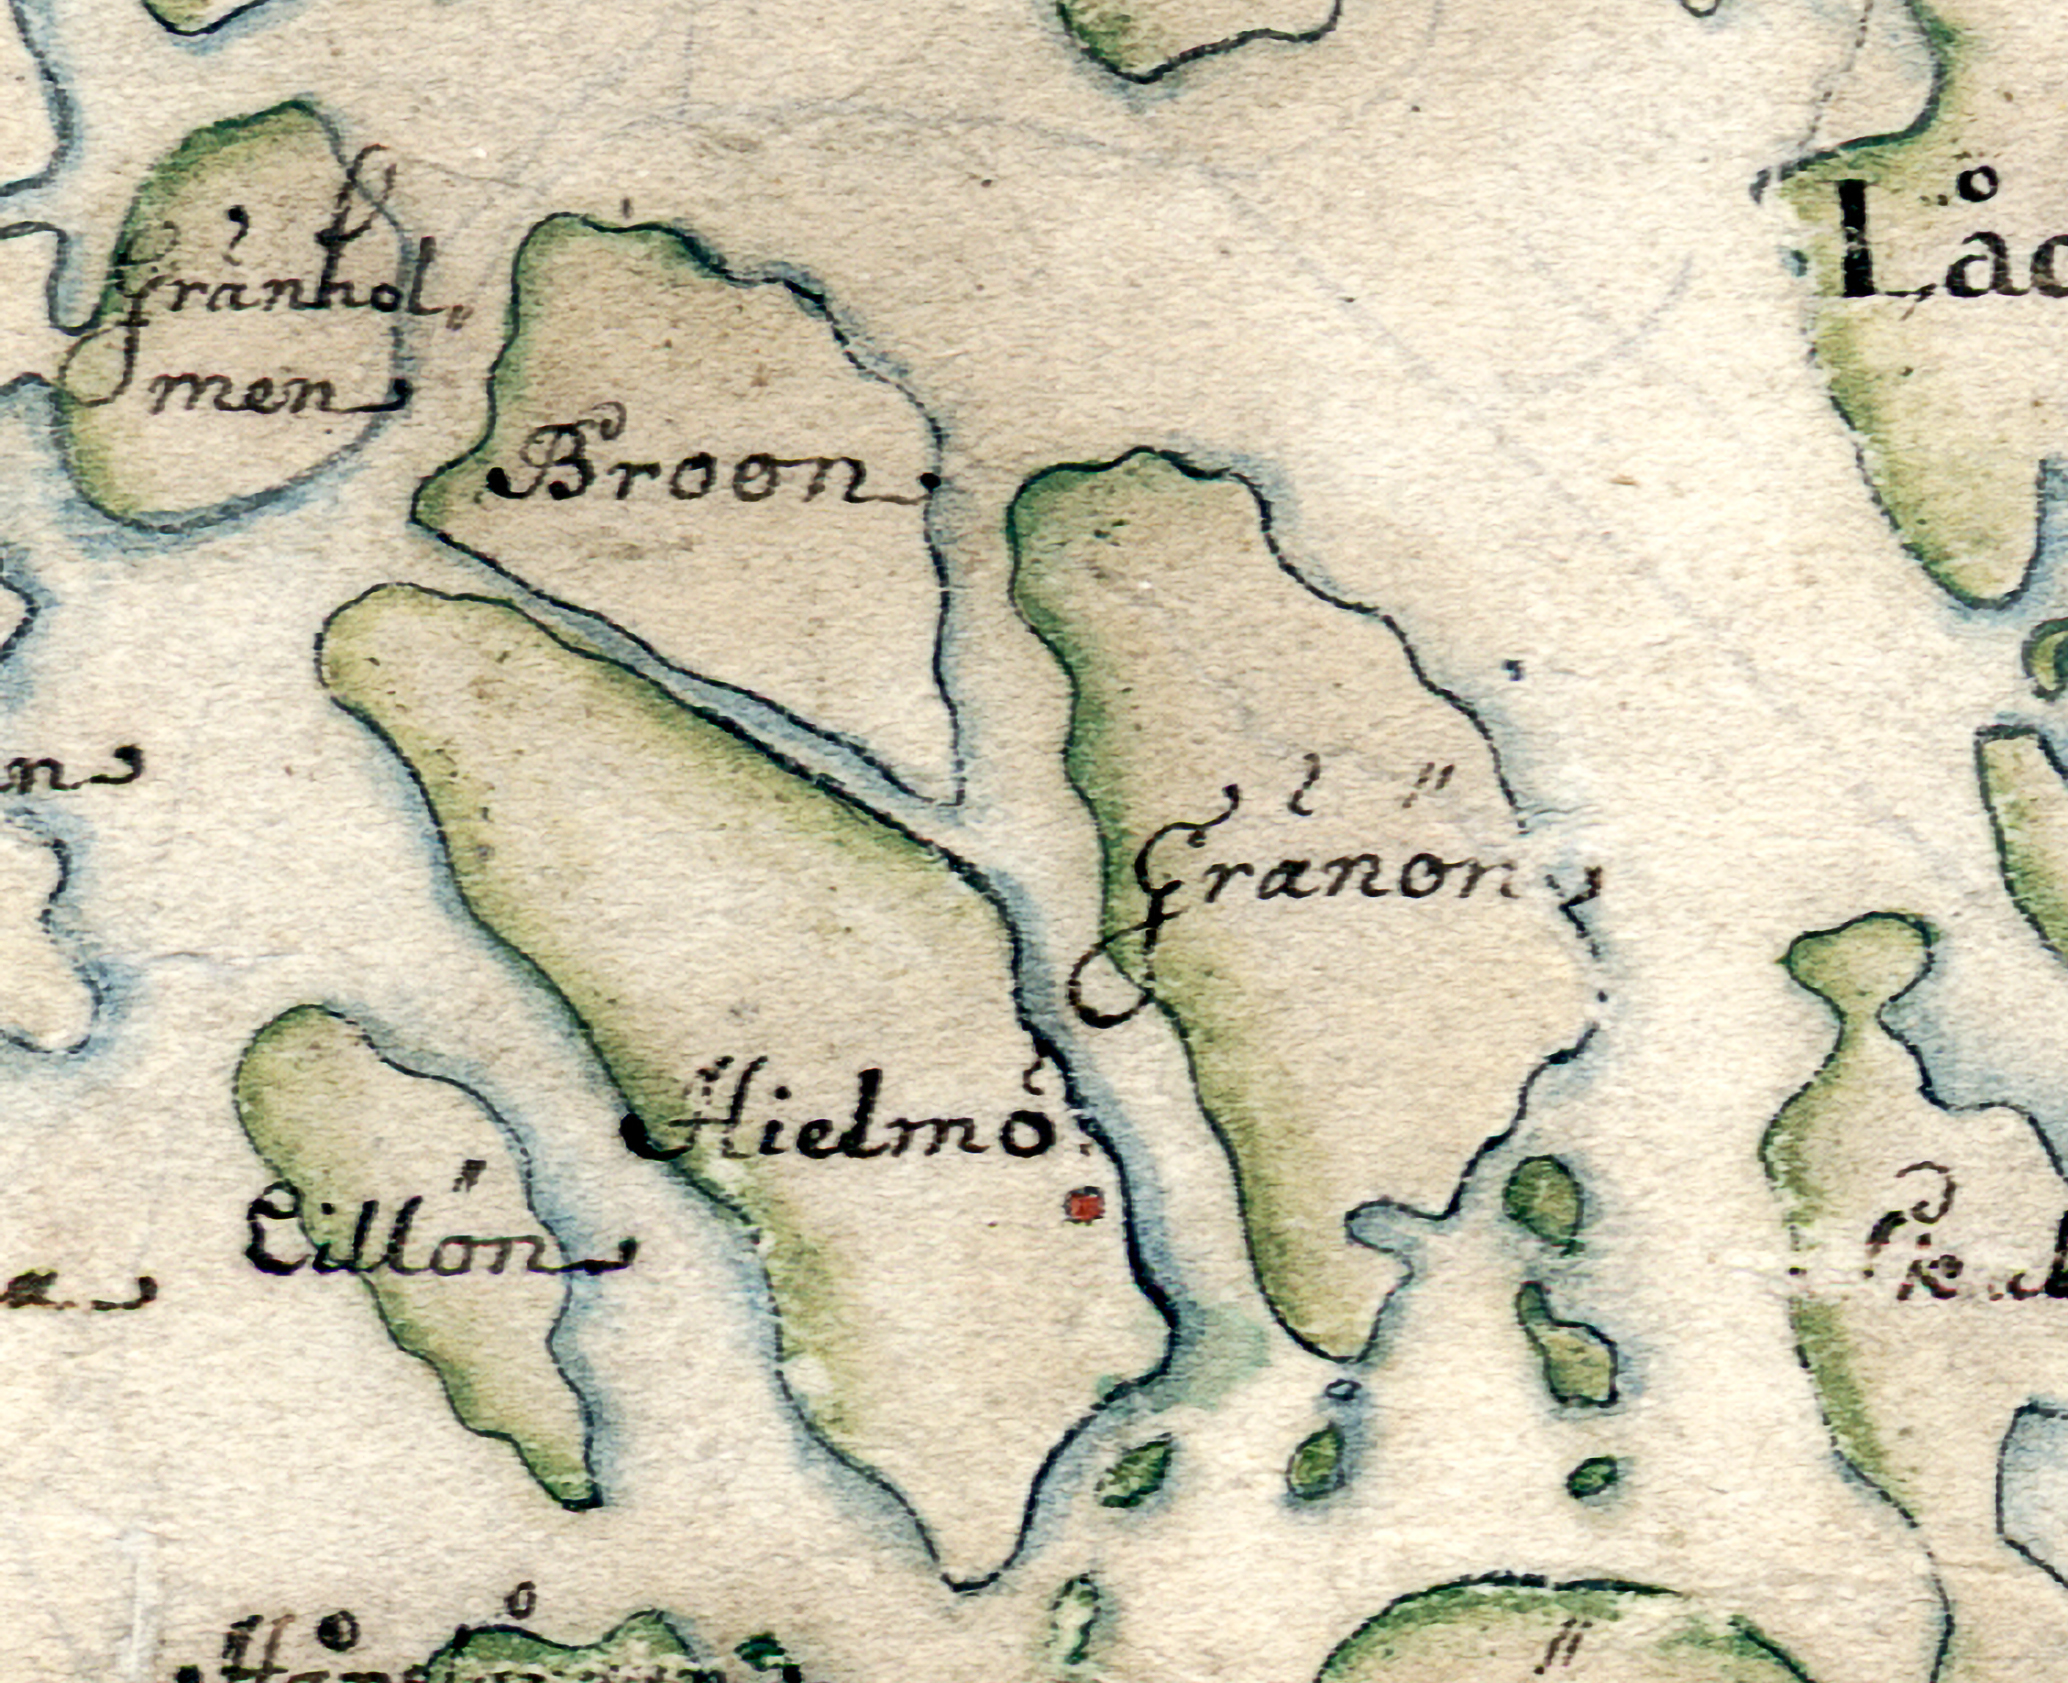 Hjälmö, Broön och Gränö på Carl Gripenhielms karta från 1690-talet. Väderstrecken är förvridna.